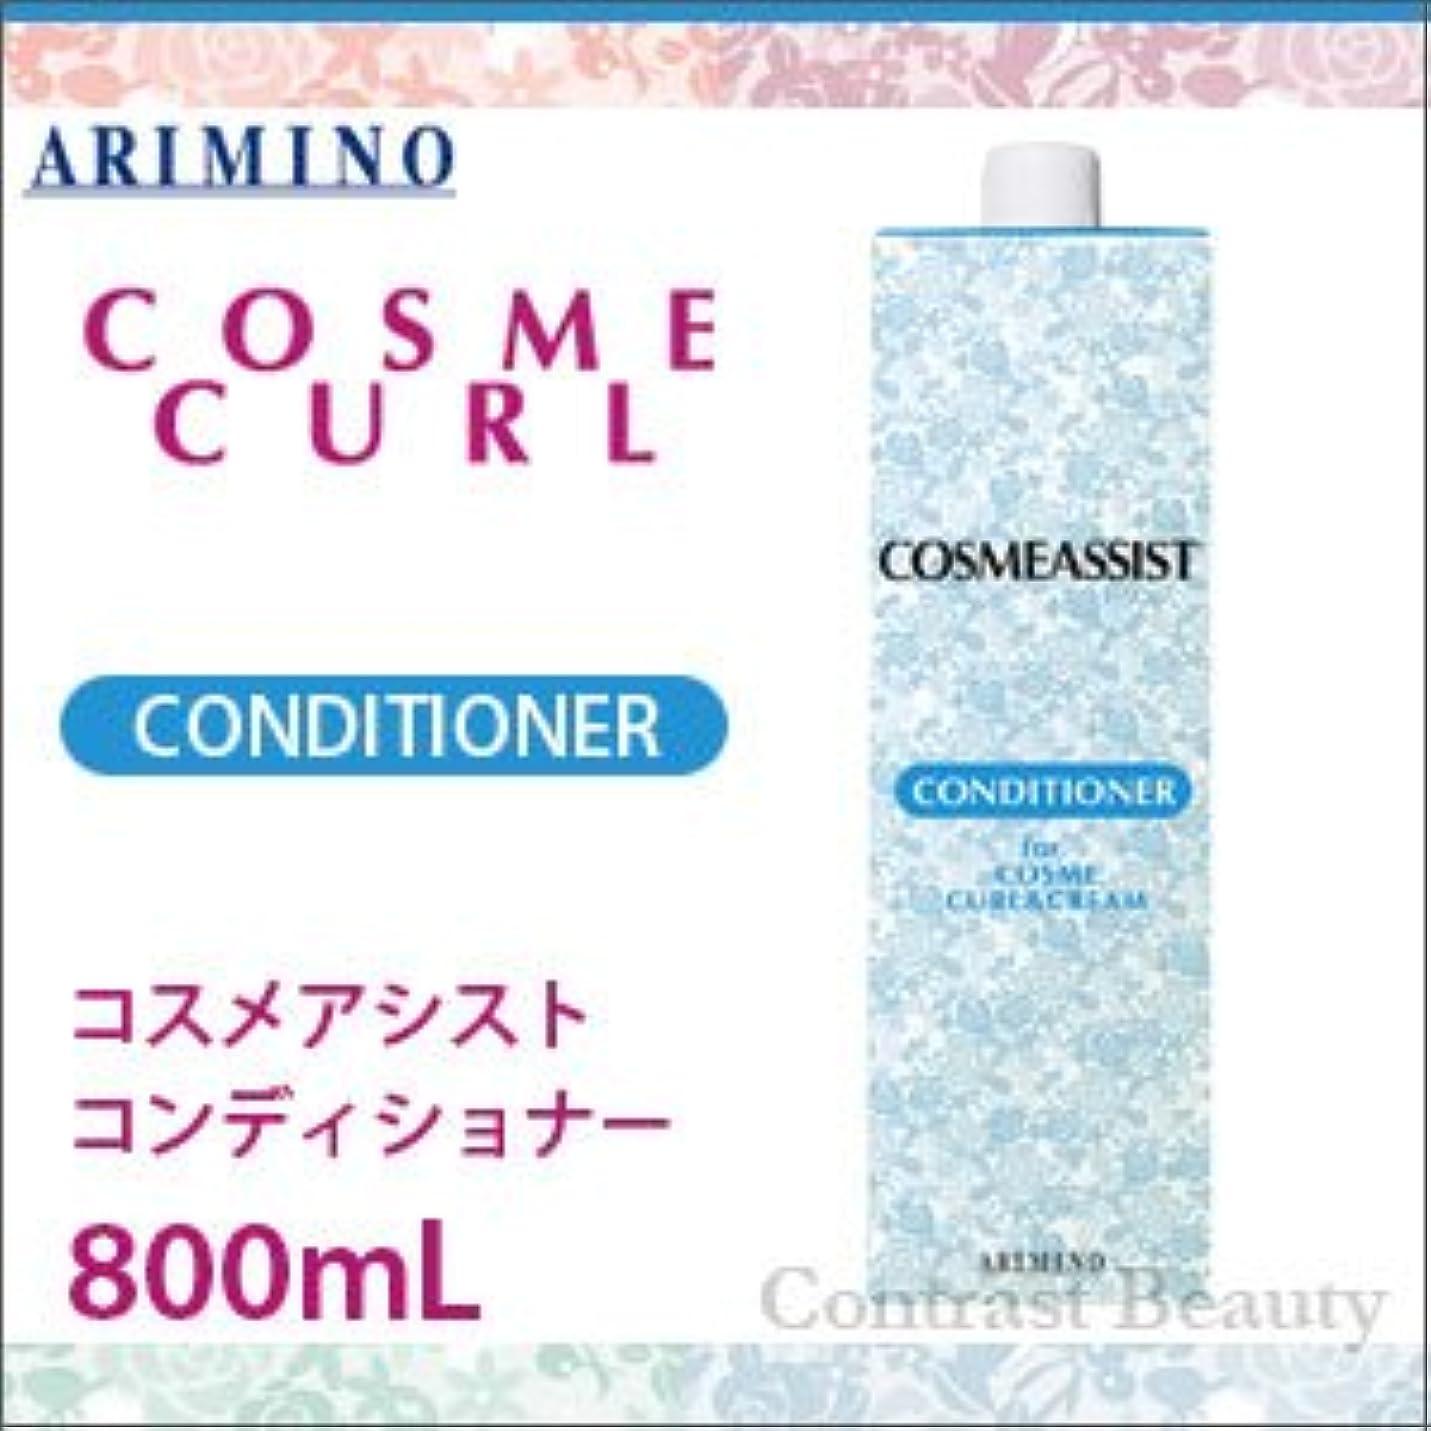 【X5個セット】 アリミノ コスメアシスト コンディショナー 800ml